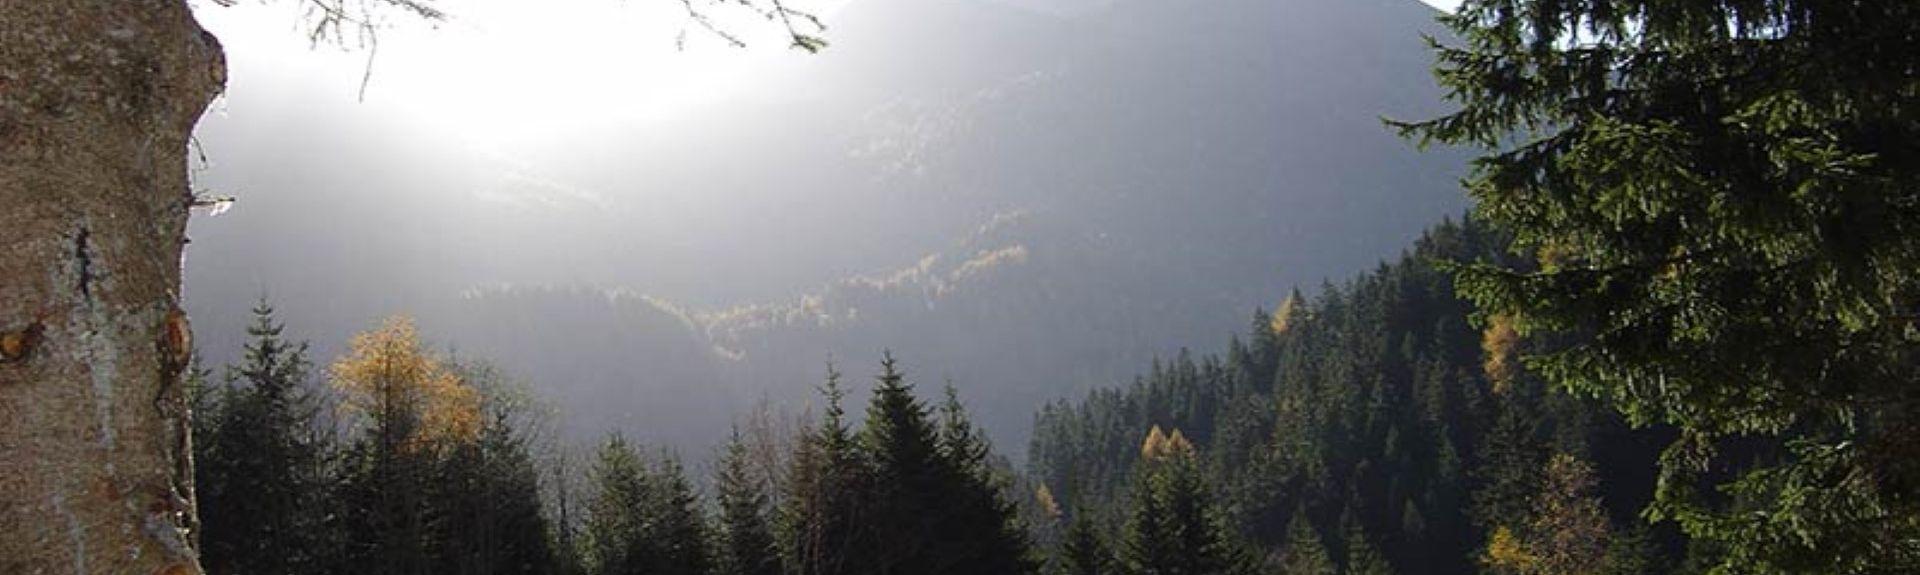 Katschberg Pass, Rennweg, Kärnten, Österreich